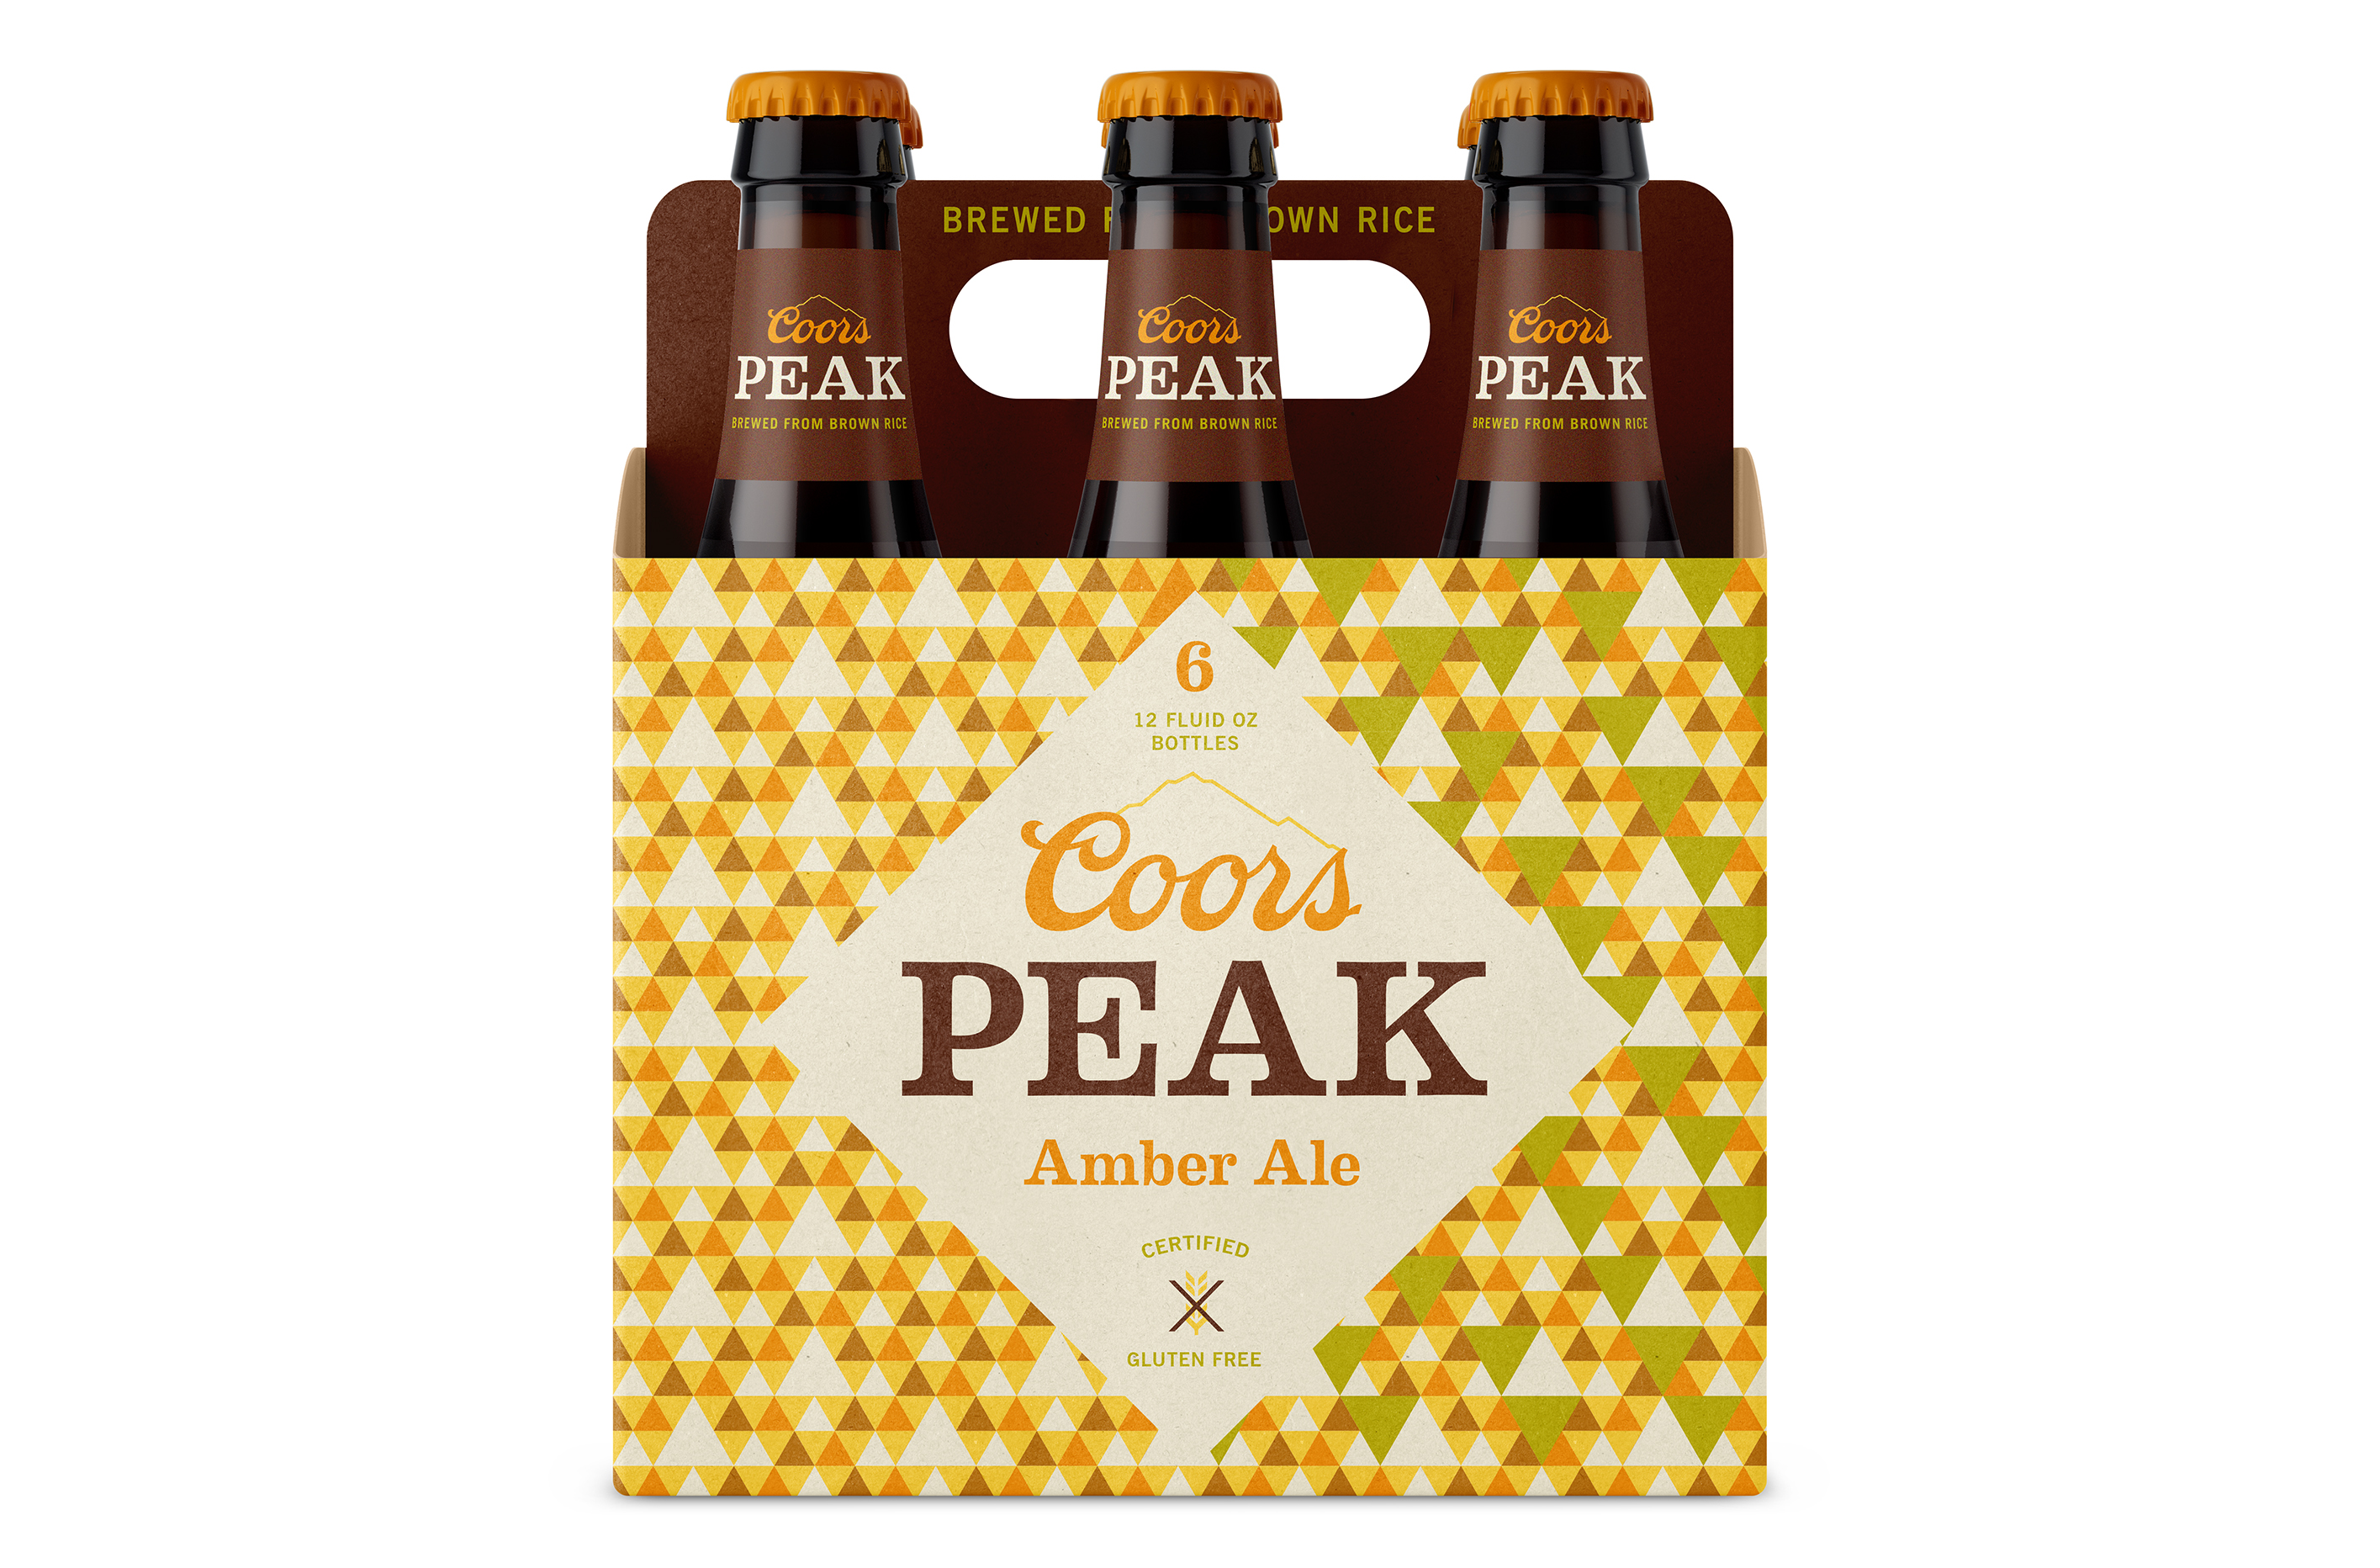 Coors Peak